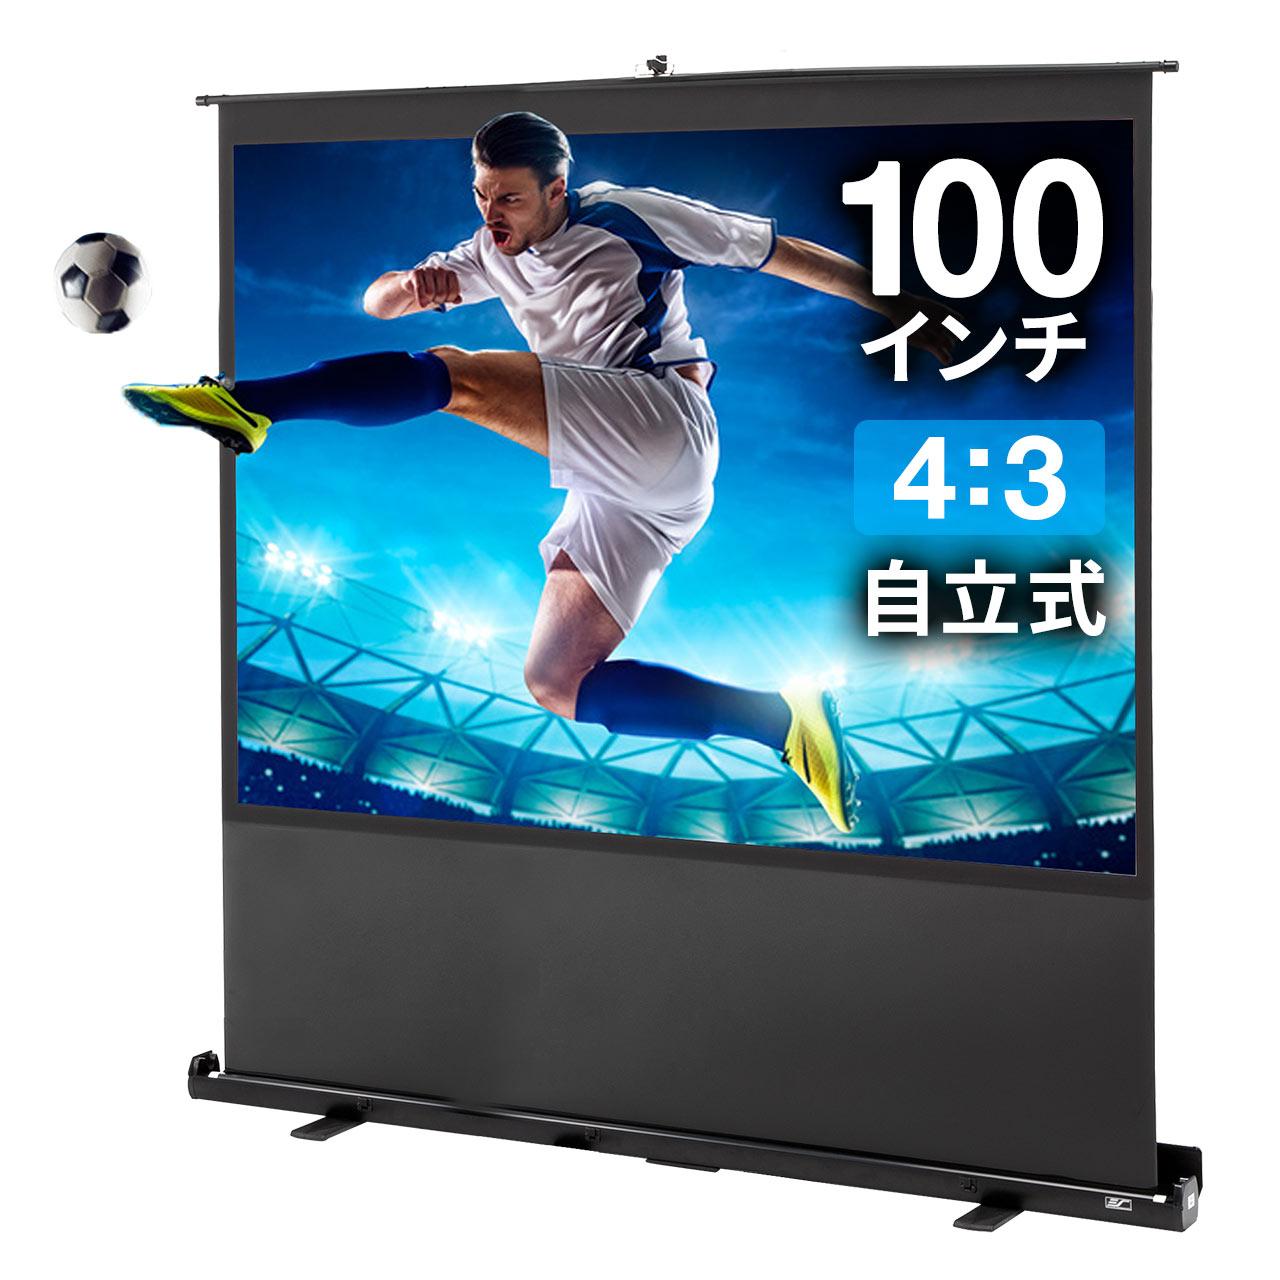 プロジェクタースクリーン 100インチ相当 自立式床置きインチ ロールスクリーン プロジェクタ・スクリーン プレゼン・ホームシアターに [100-PRS009]【サンワダイレクト限定品】【送料無料】